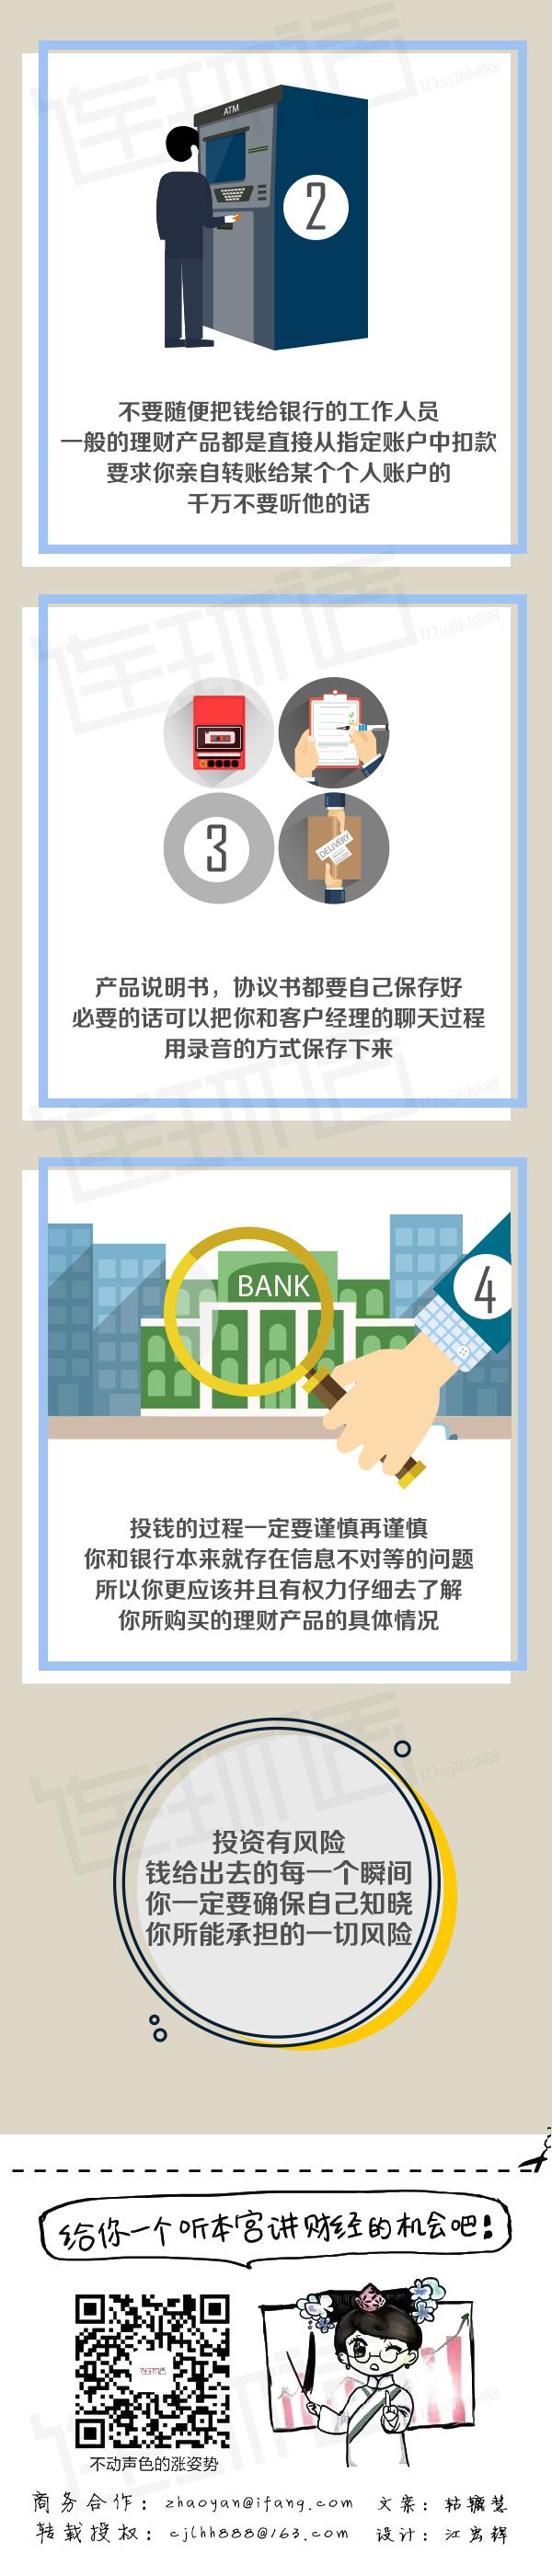 你以为钱放在银行里就安全?太天真!【图】 - 春华秋实 - 春华秋实 开心快乐每一天